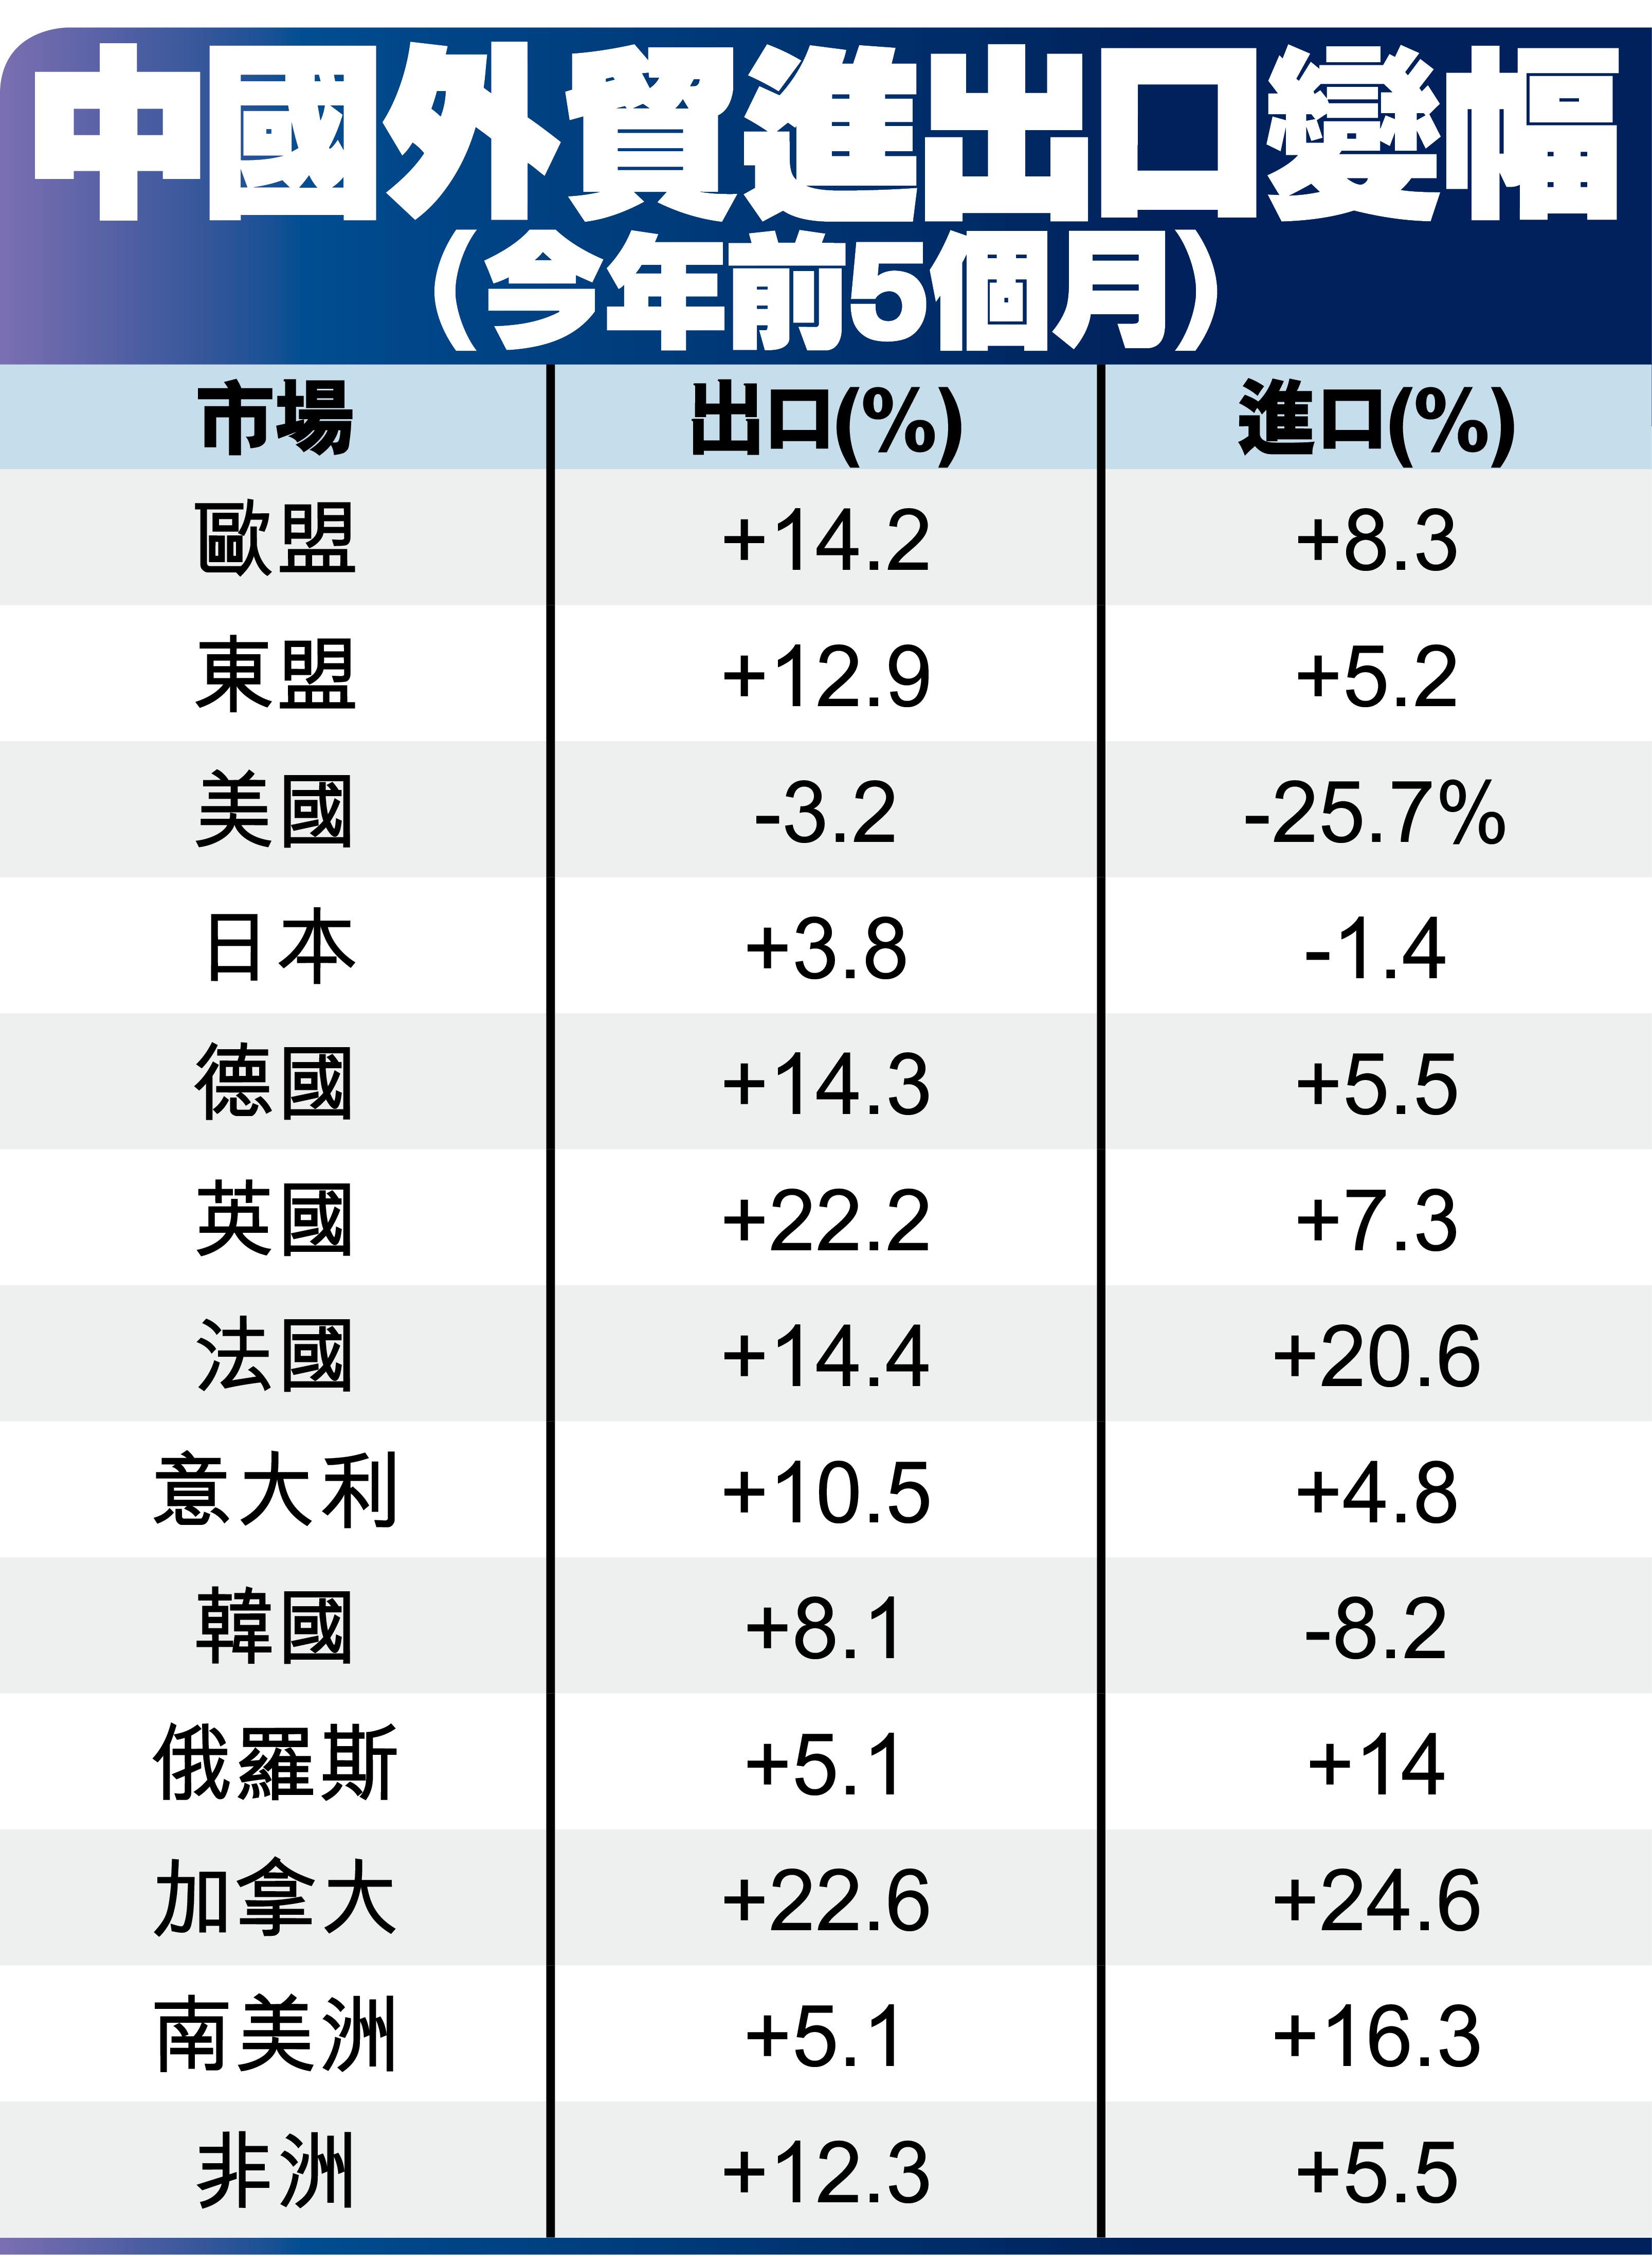 中國外貿進出口變幅(今年前5個月)